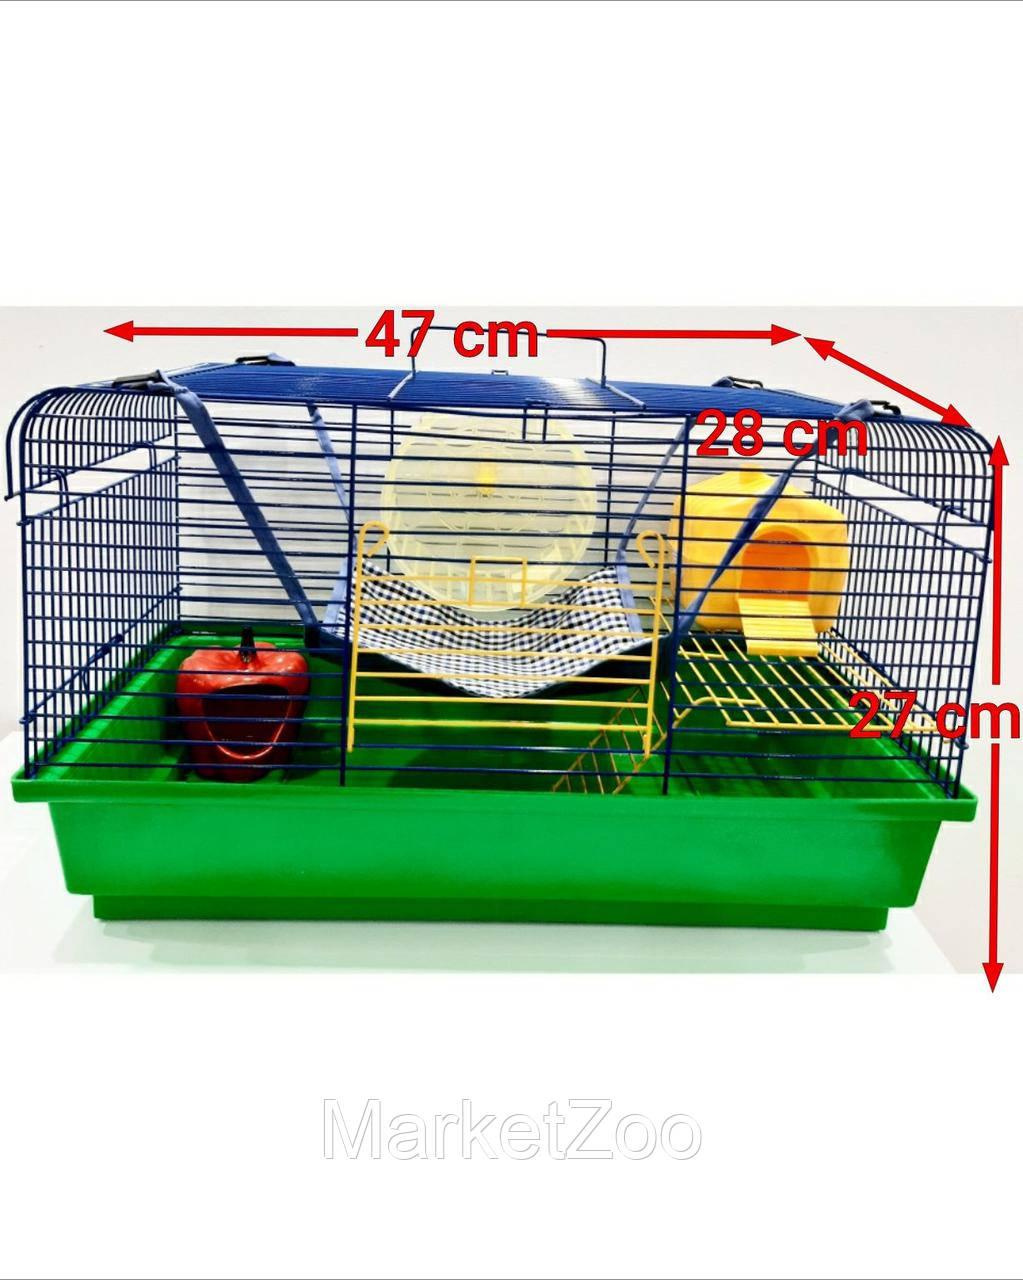 """Клетка для крысы """"Чарли 2 +комплектация"""""""